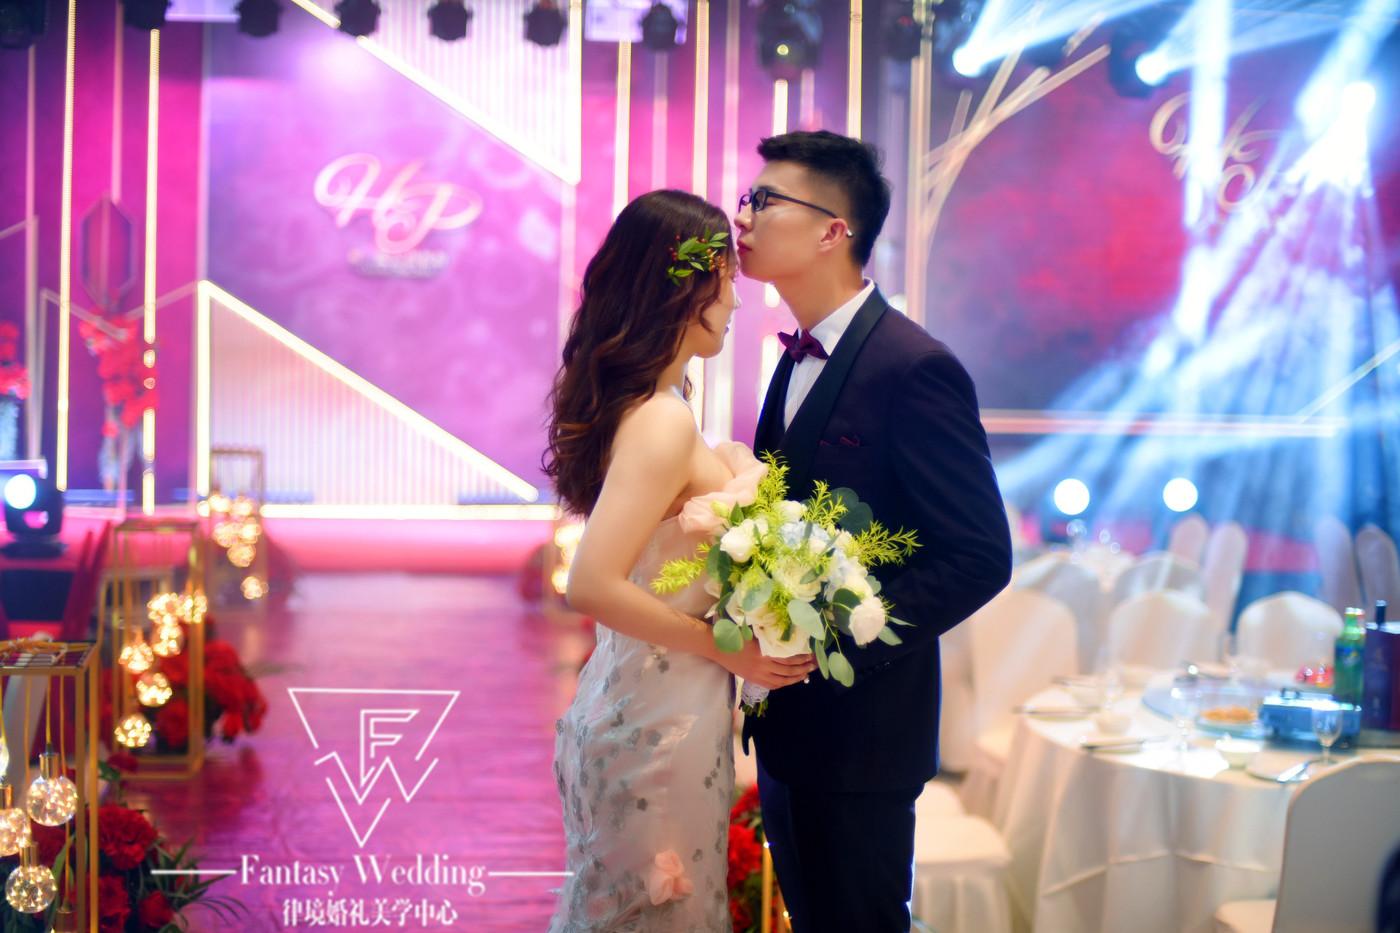 「律境婚礼」 胡萝卜& 方莱婚礼16